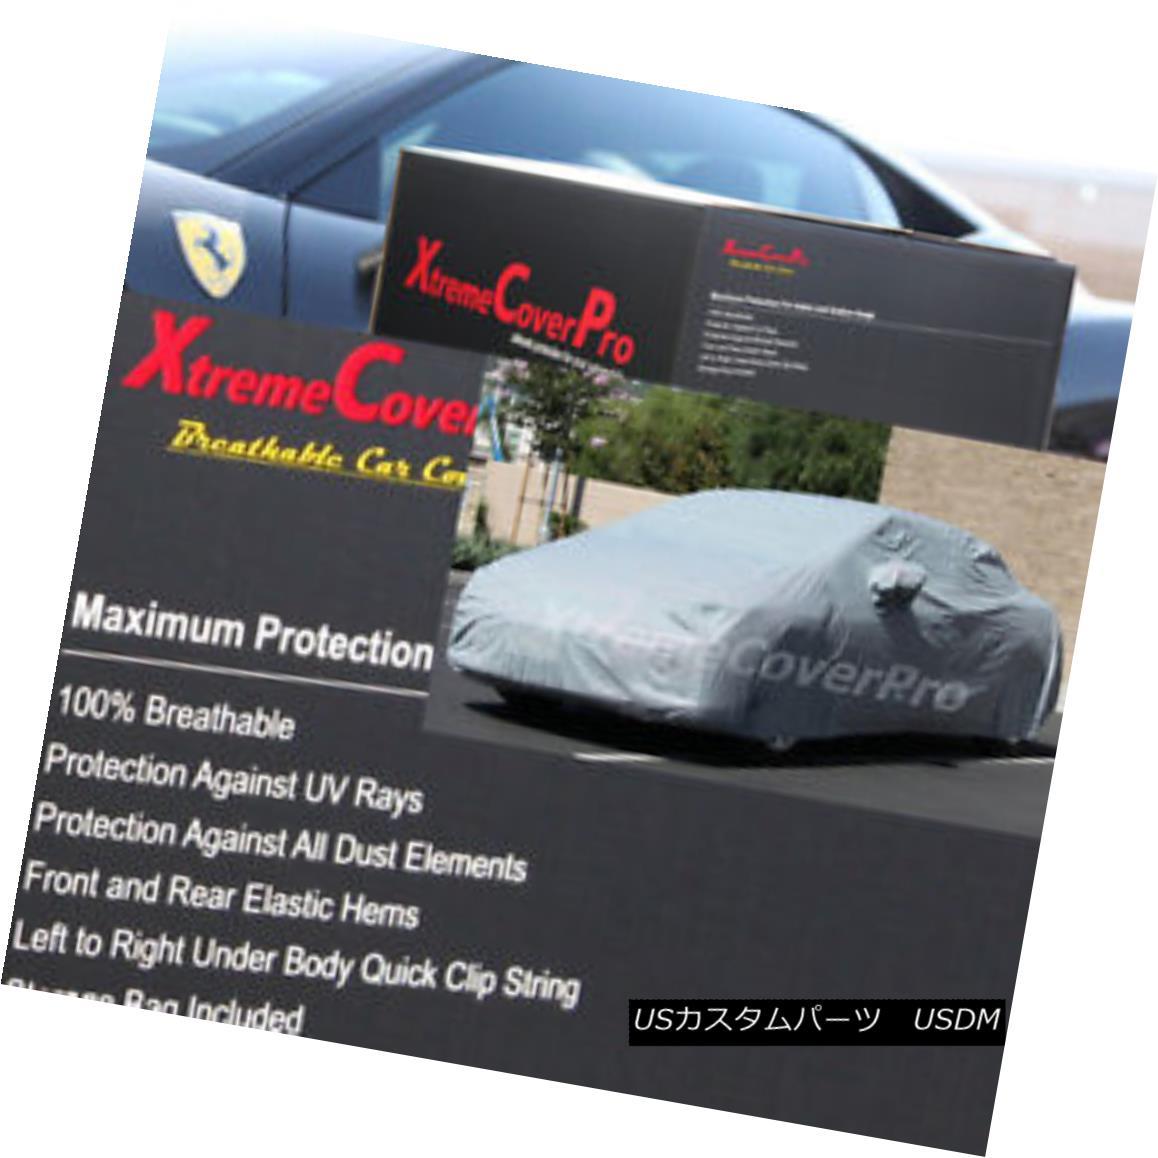 カーカバー 1996 1997 1998 1999 2000 Lexus SC300 SC400 Breathable Car Cover w/MirrorPocket 1996 1997 1998 1999 2000レクサスSC300 SC400通気性車カバー付き/ミラーポケット